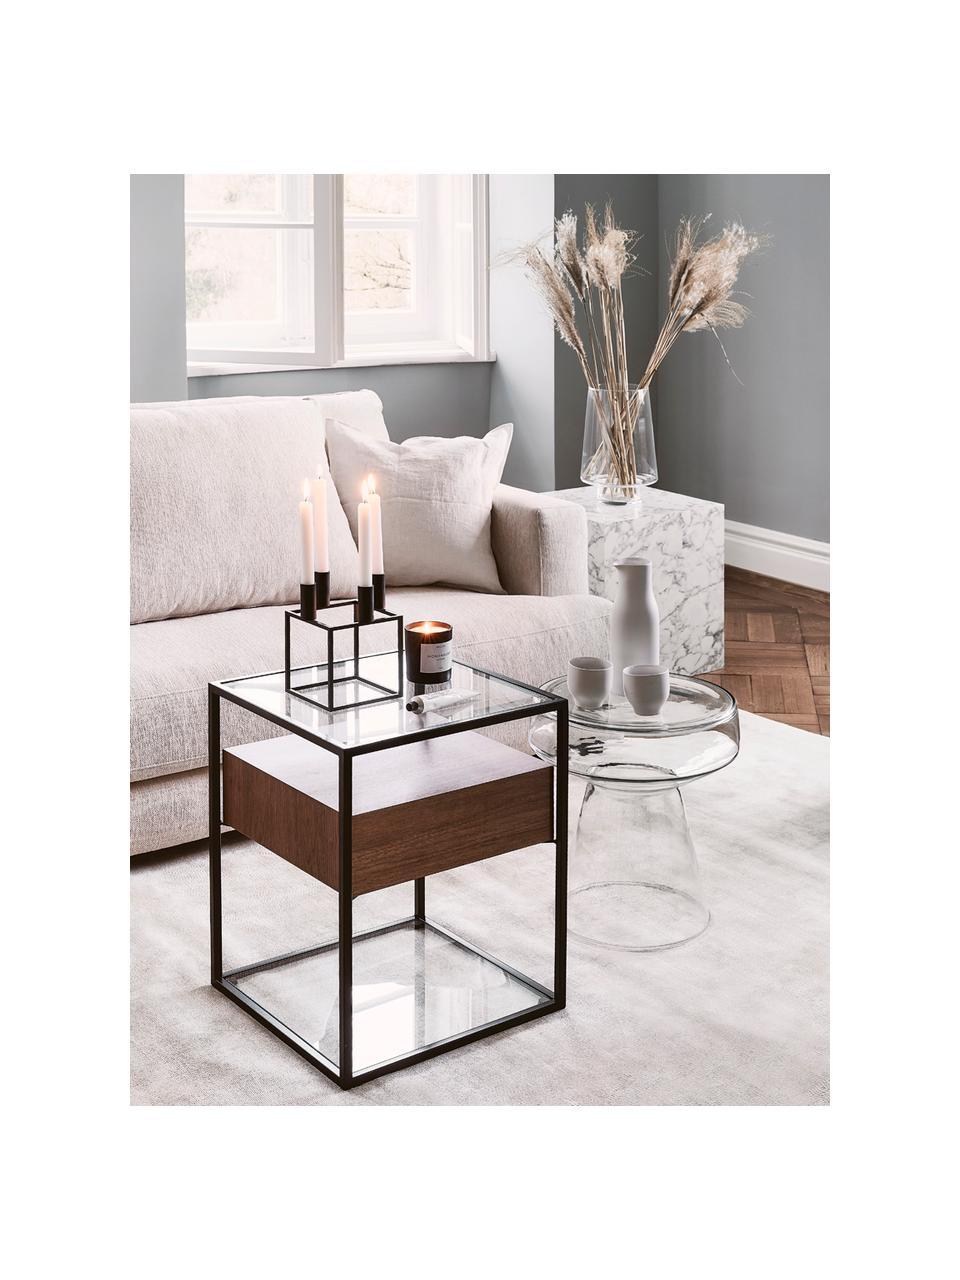 Stolik pomocniczy z szufladą Helix, Stelaż: metal malowany proszkowo, Transparentny, czarny, drewno akacjowe, S 45 x W 54 cm